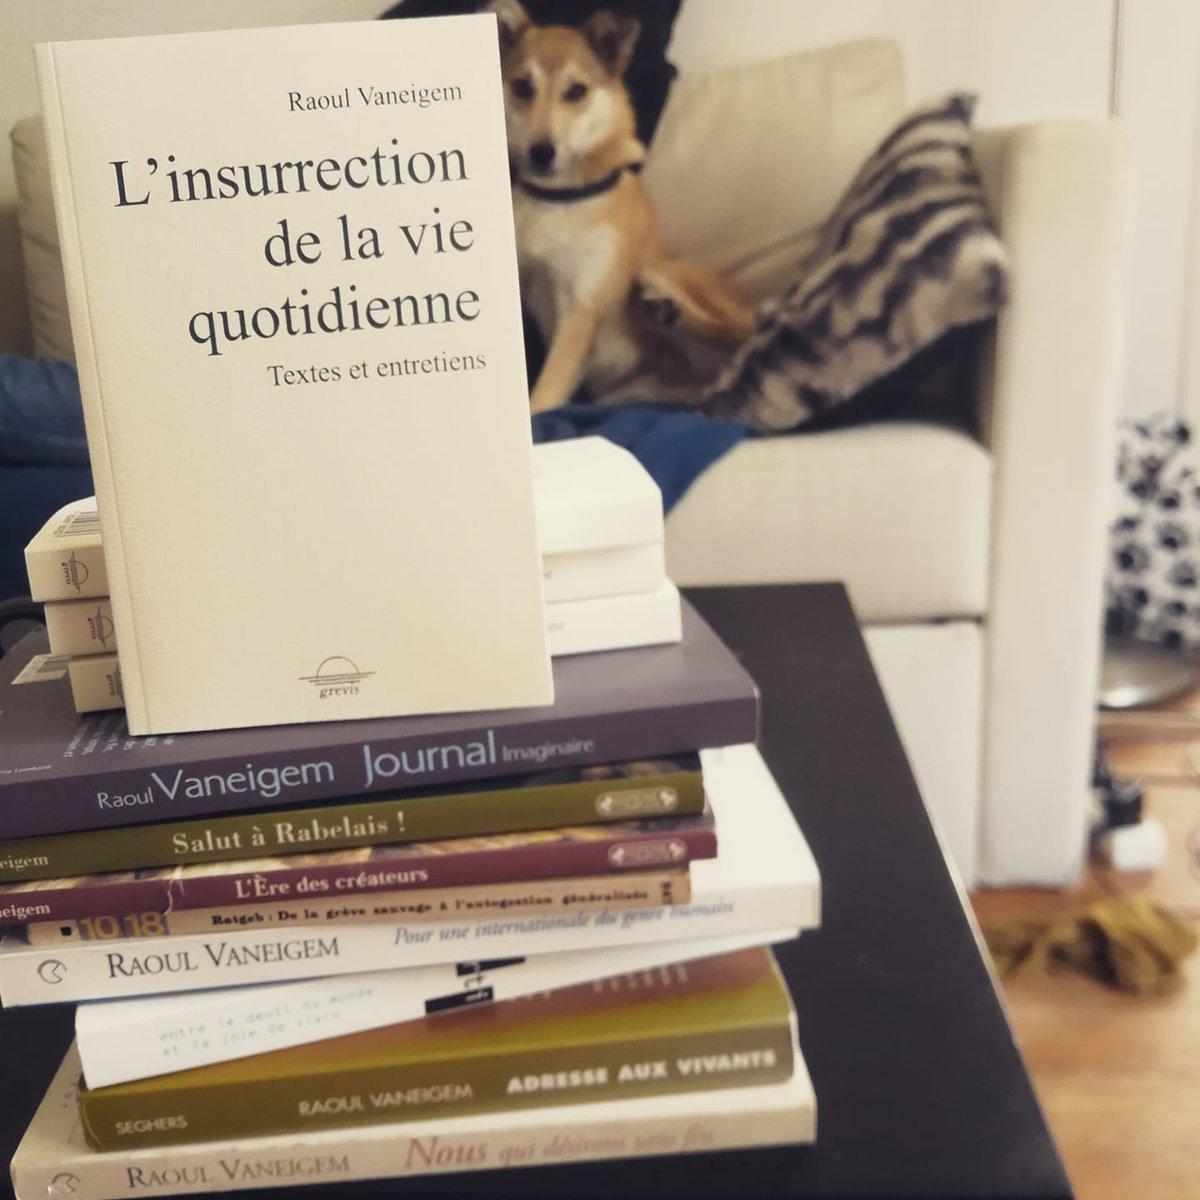 Raoul Vaneigem, L'insurrection de la vie quotidienne